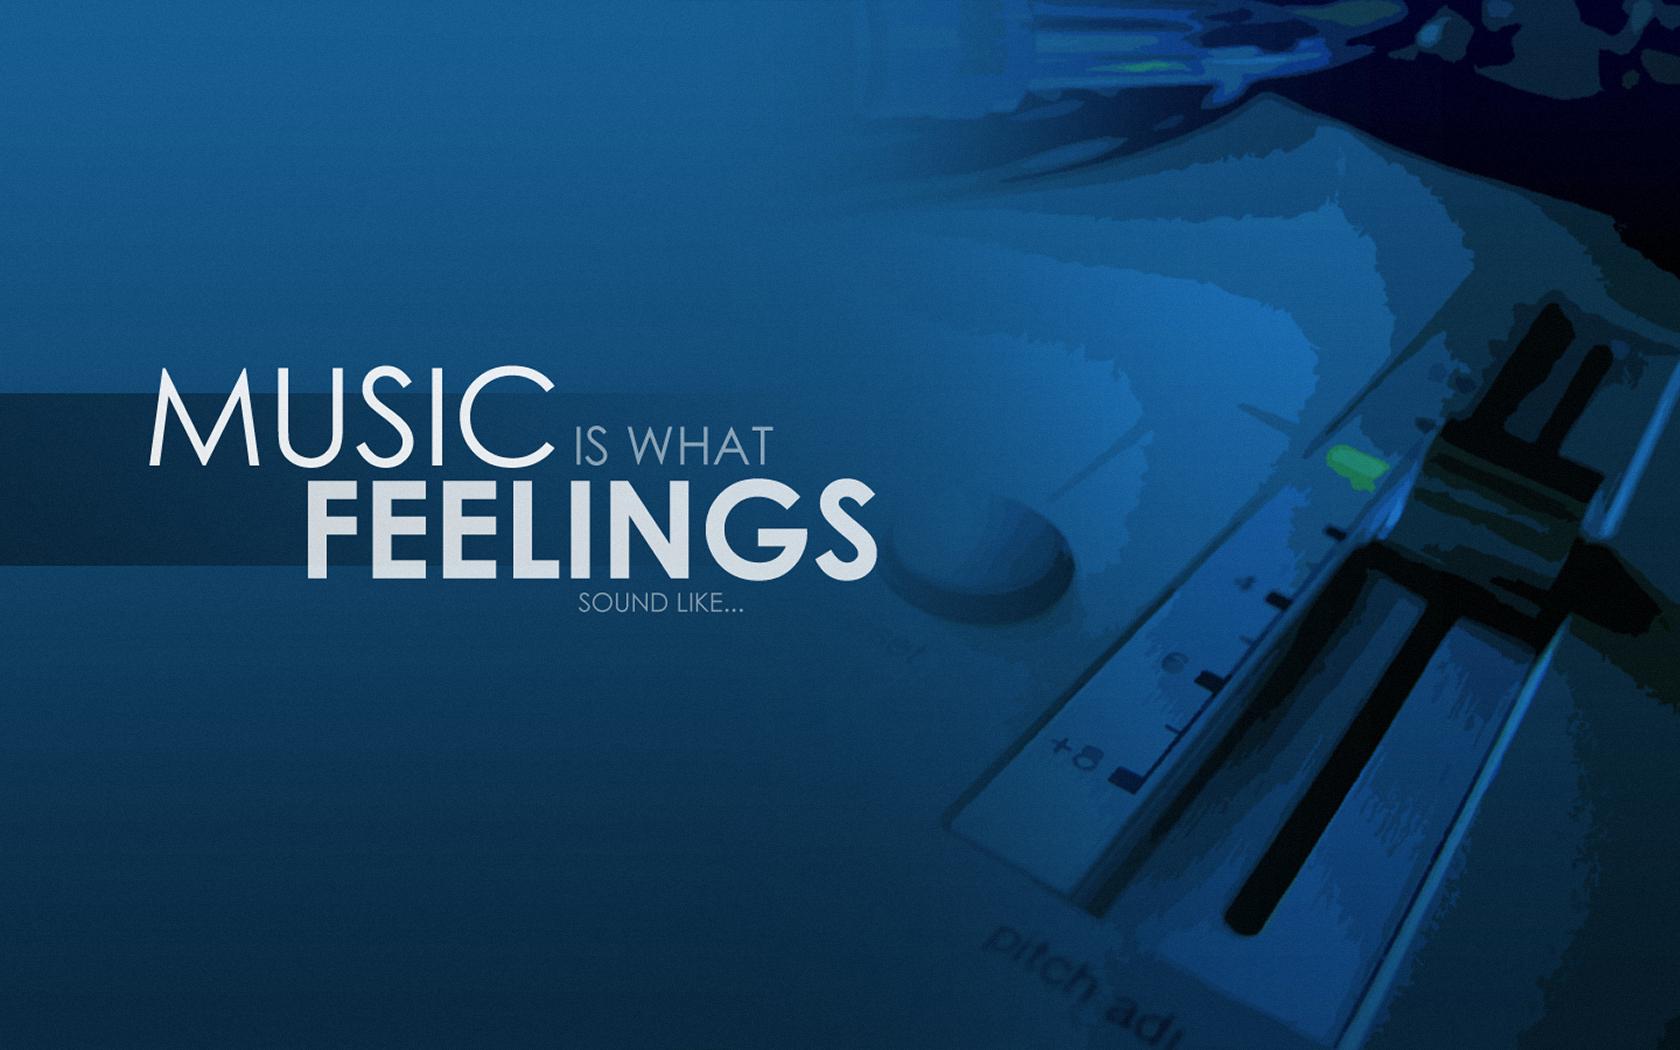 Musical Feeling 1680 x 1050